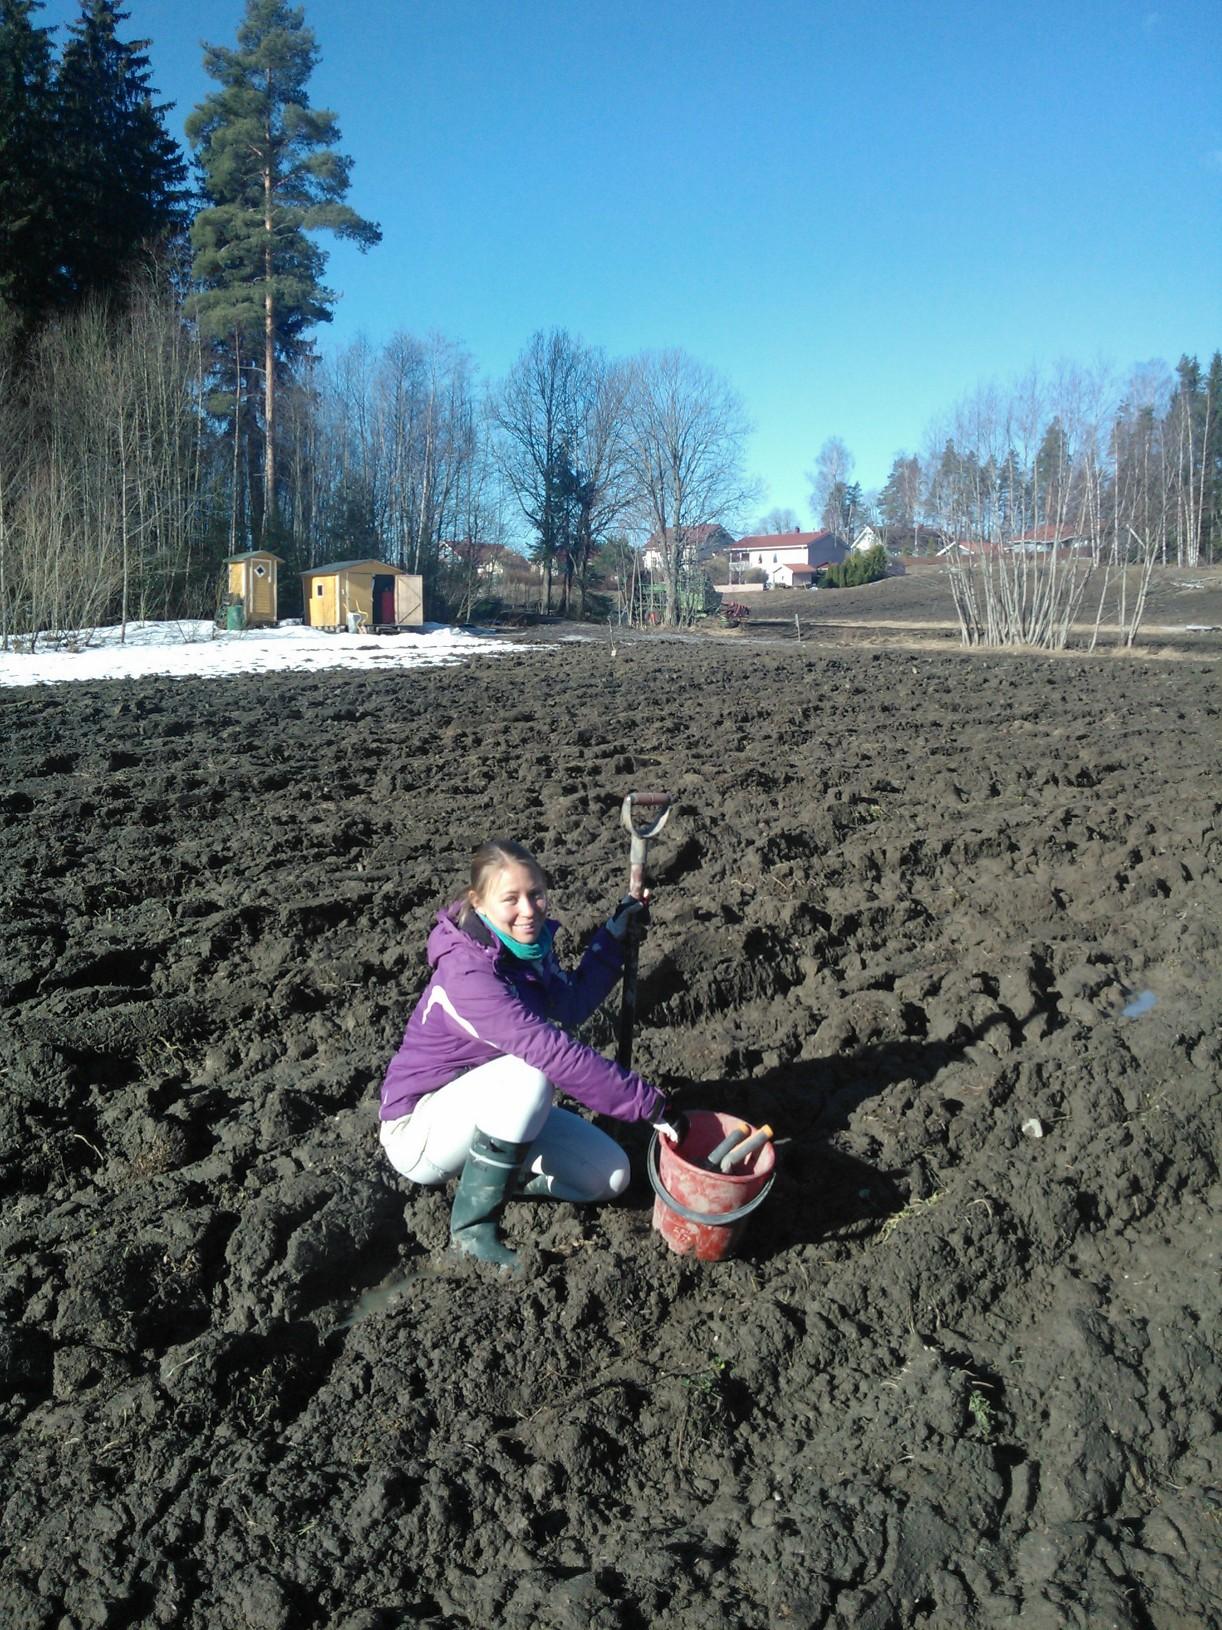 Pauliina-peltoharjoittelijan ottama kuva maa-analyysin otosta